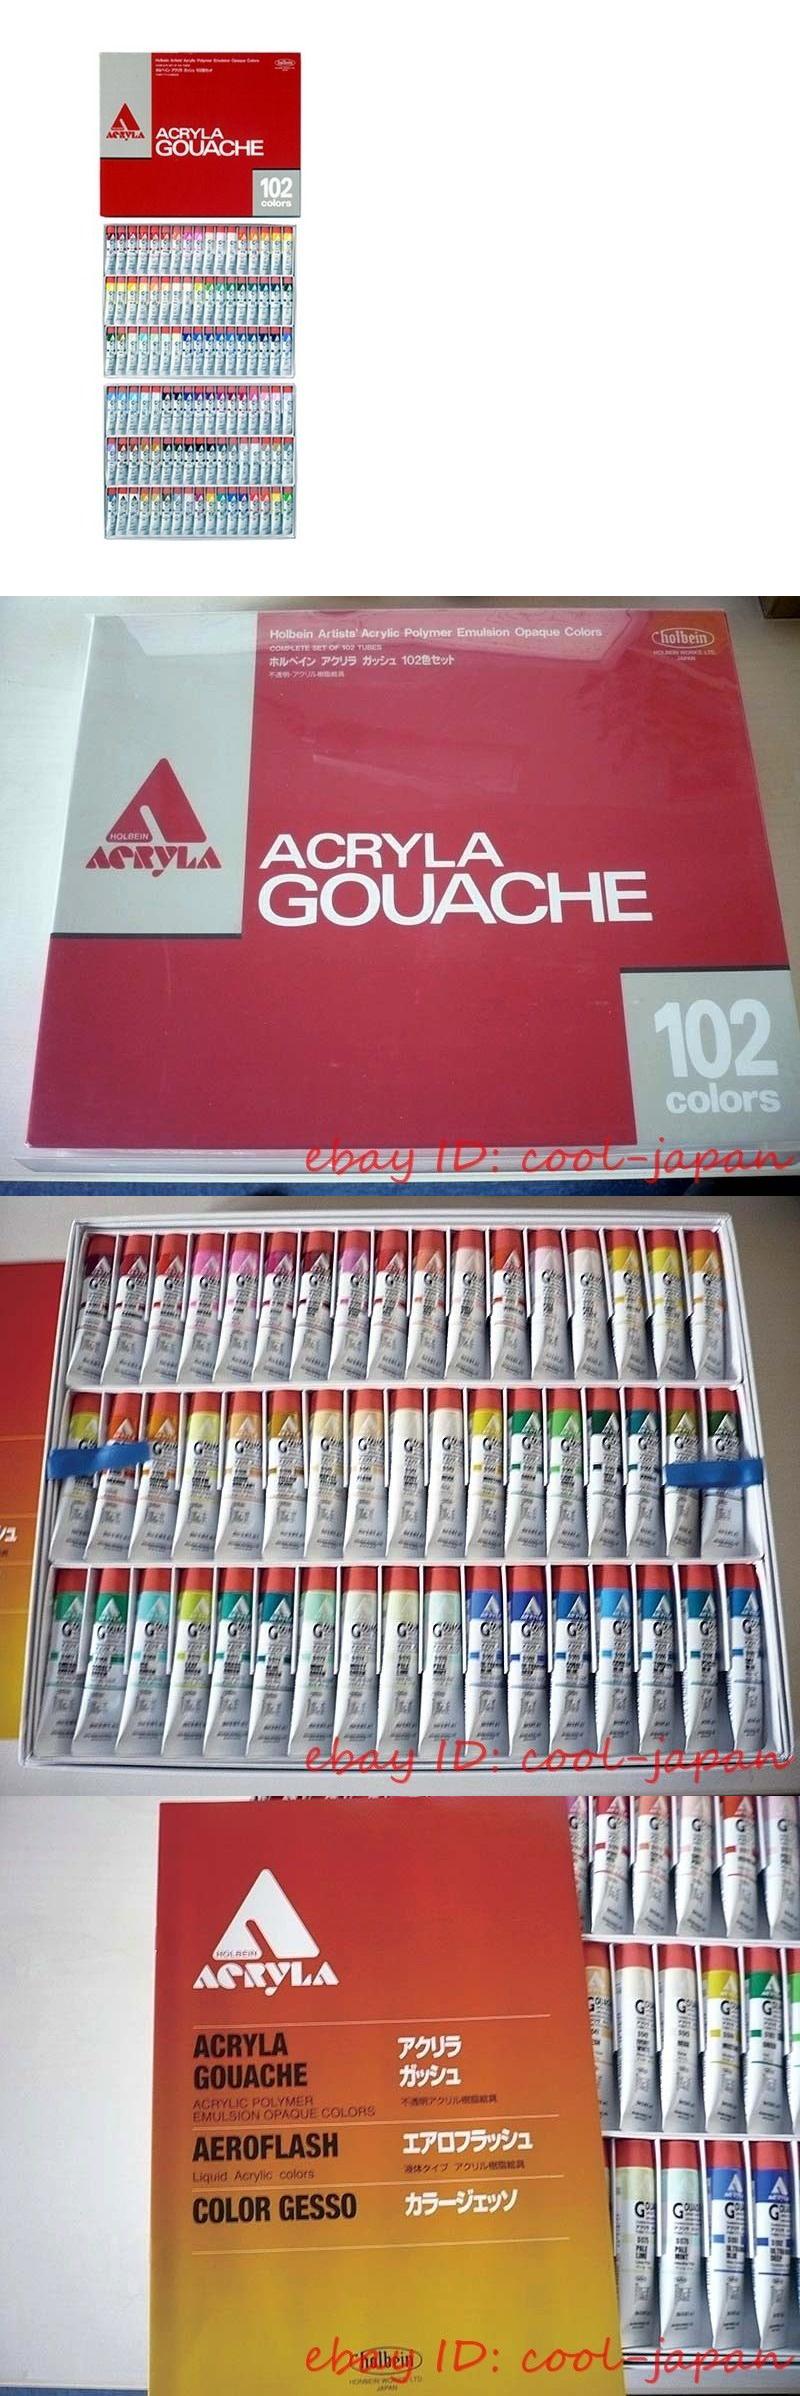 gouache 134558 made in japan holbein acryla gouache 102 colors